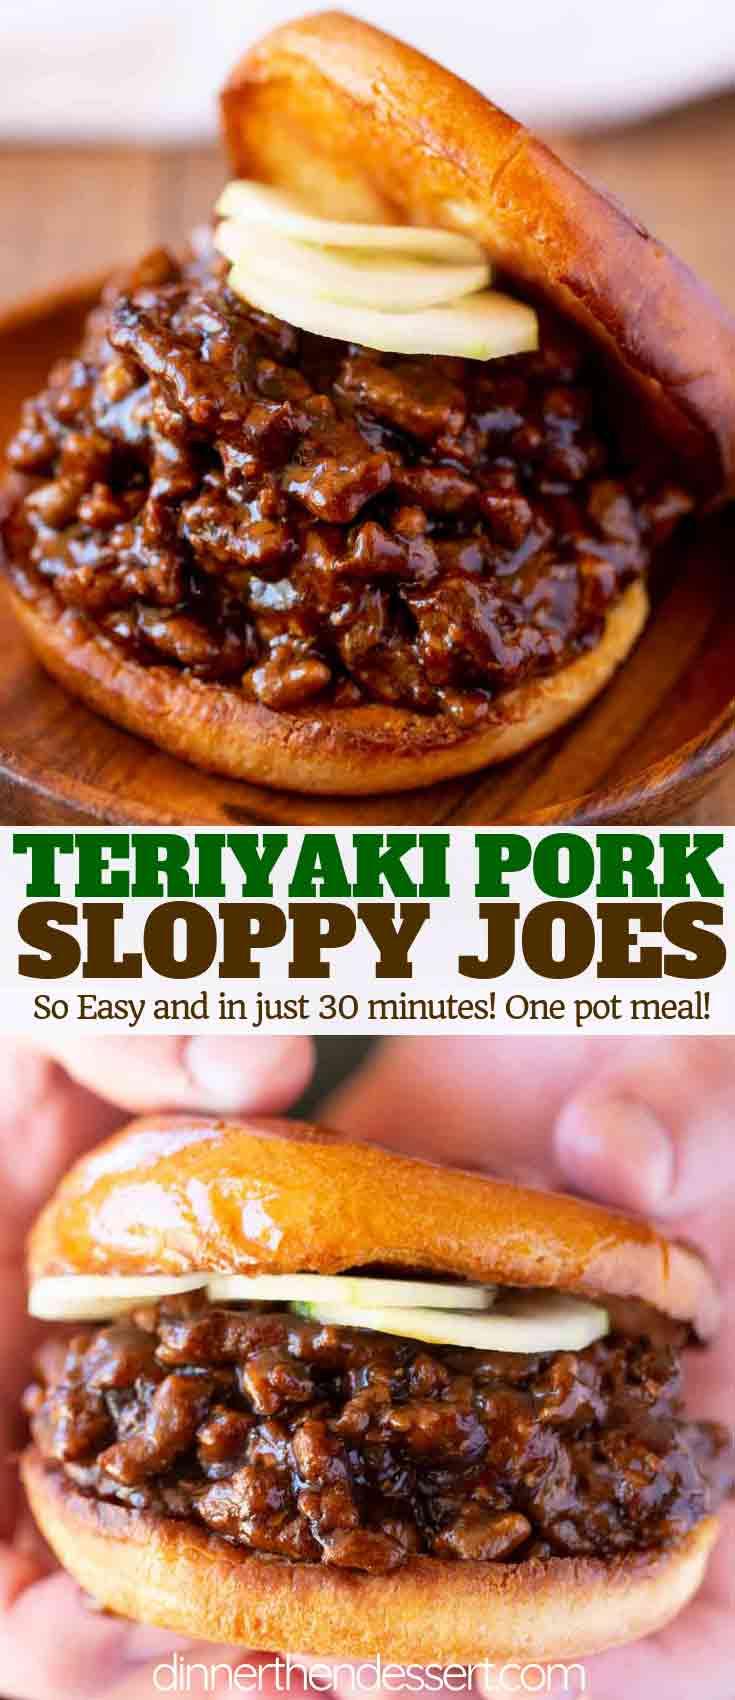 Teriyaki Pork Sloppy Joes - Dinner, then Dessert